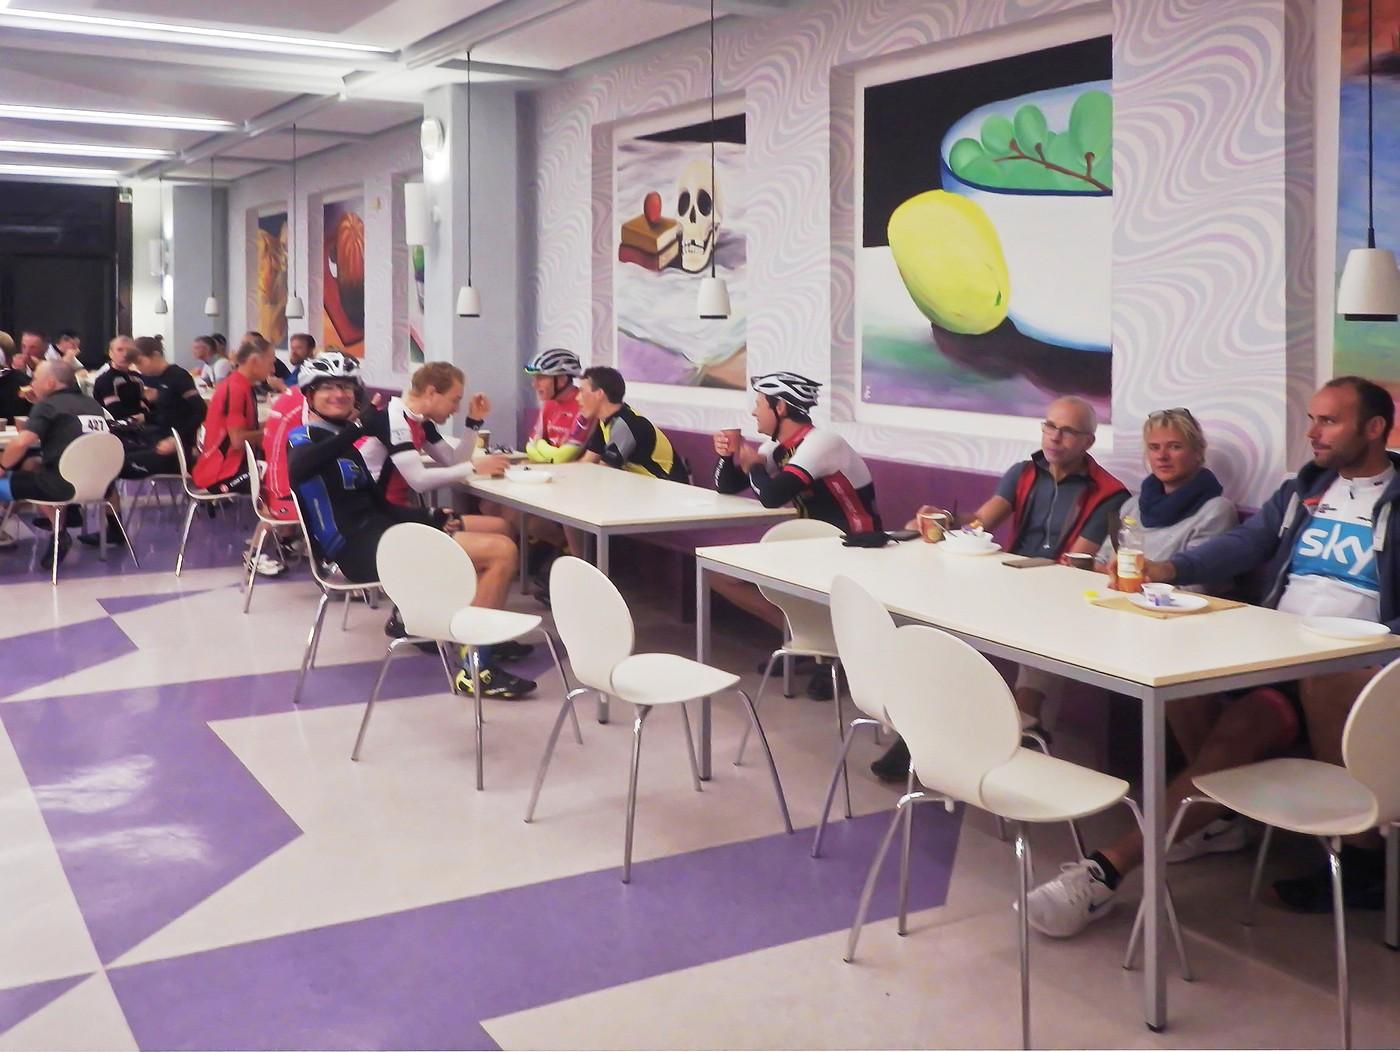 Frühstück im Speisesaal Gymnasium Ernestinum